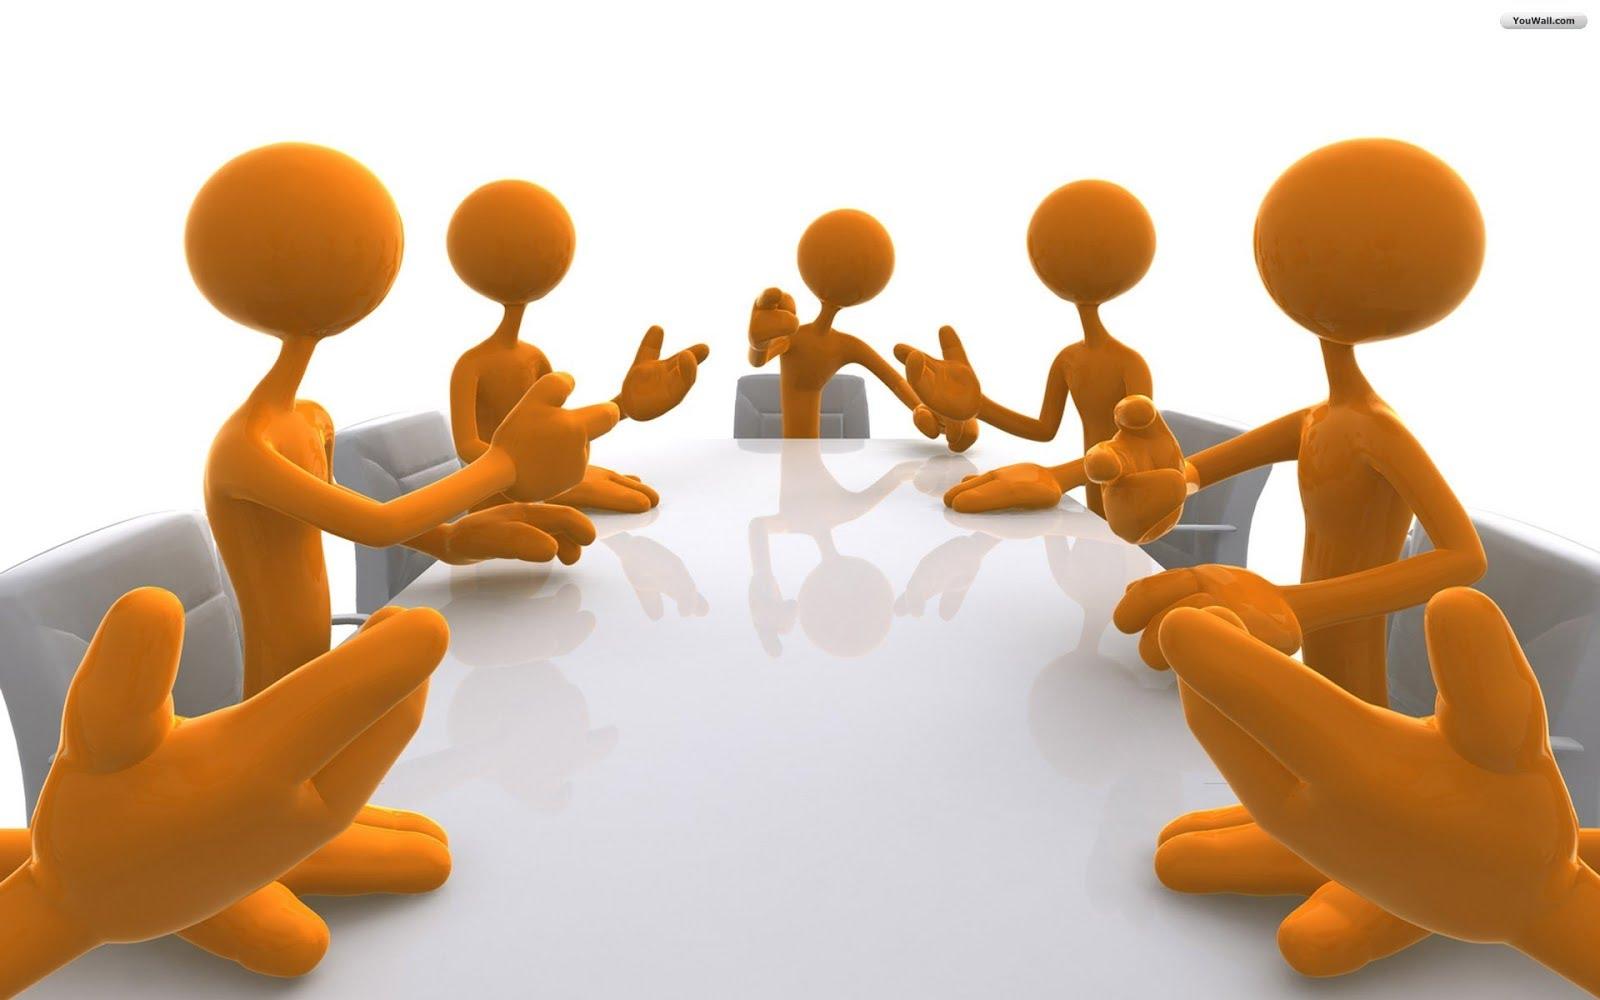 Словесный метод обучения - это: понятие и классификация словесных методов обучения, общее и частное в этих методах